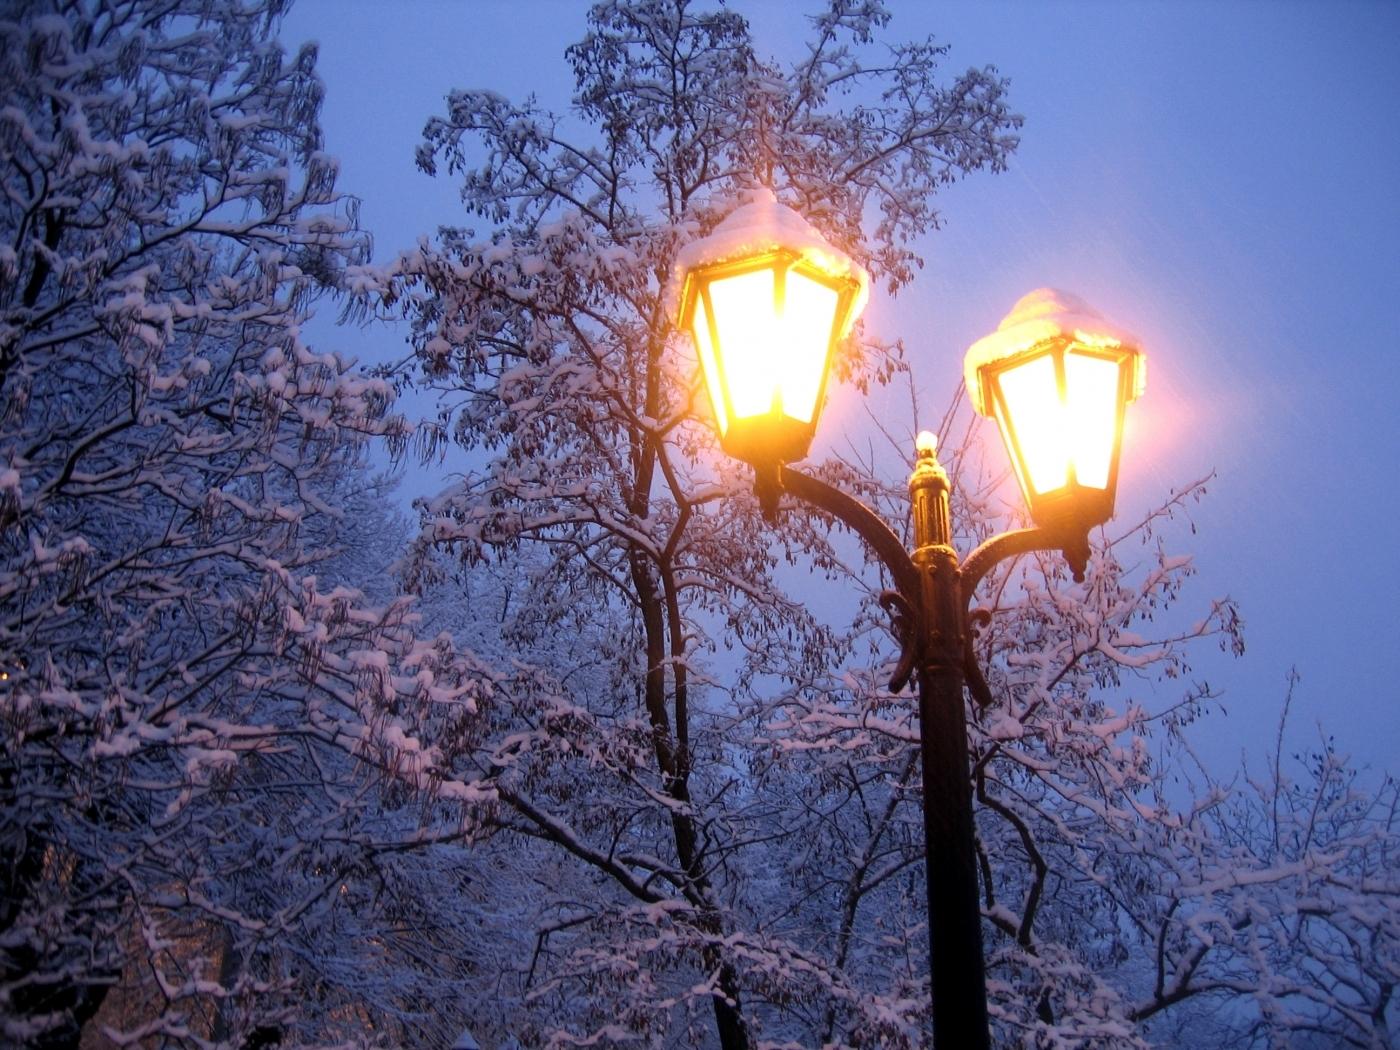 24961 скачать обои Пейзаж, Зима, Деревья, Ночь, Снег - заставки и картинки бесплатно